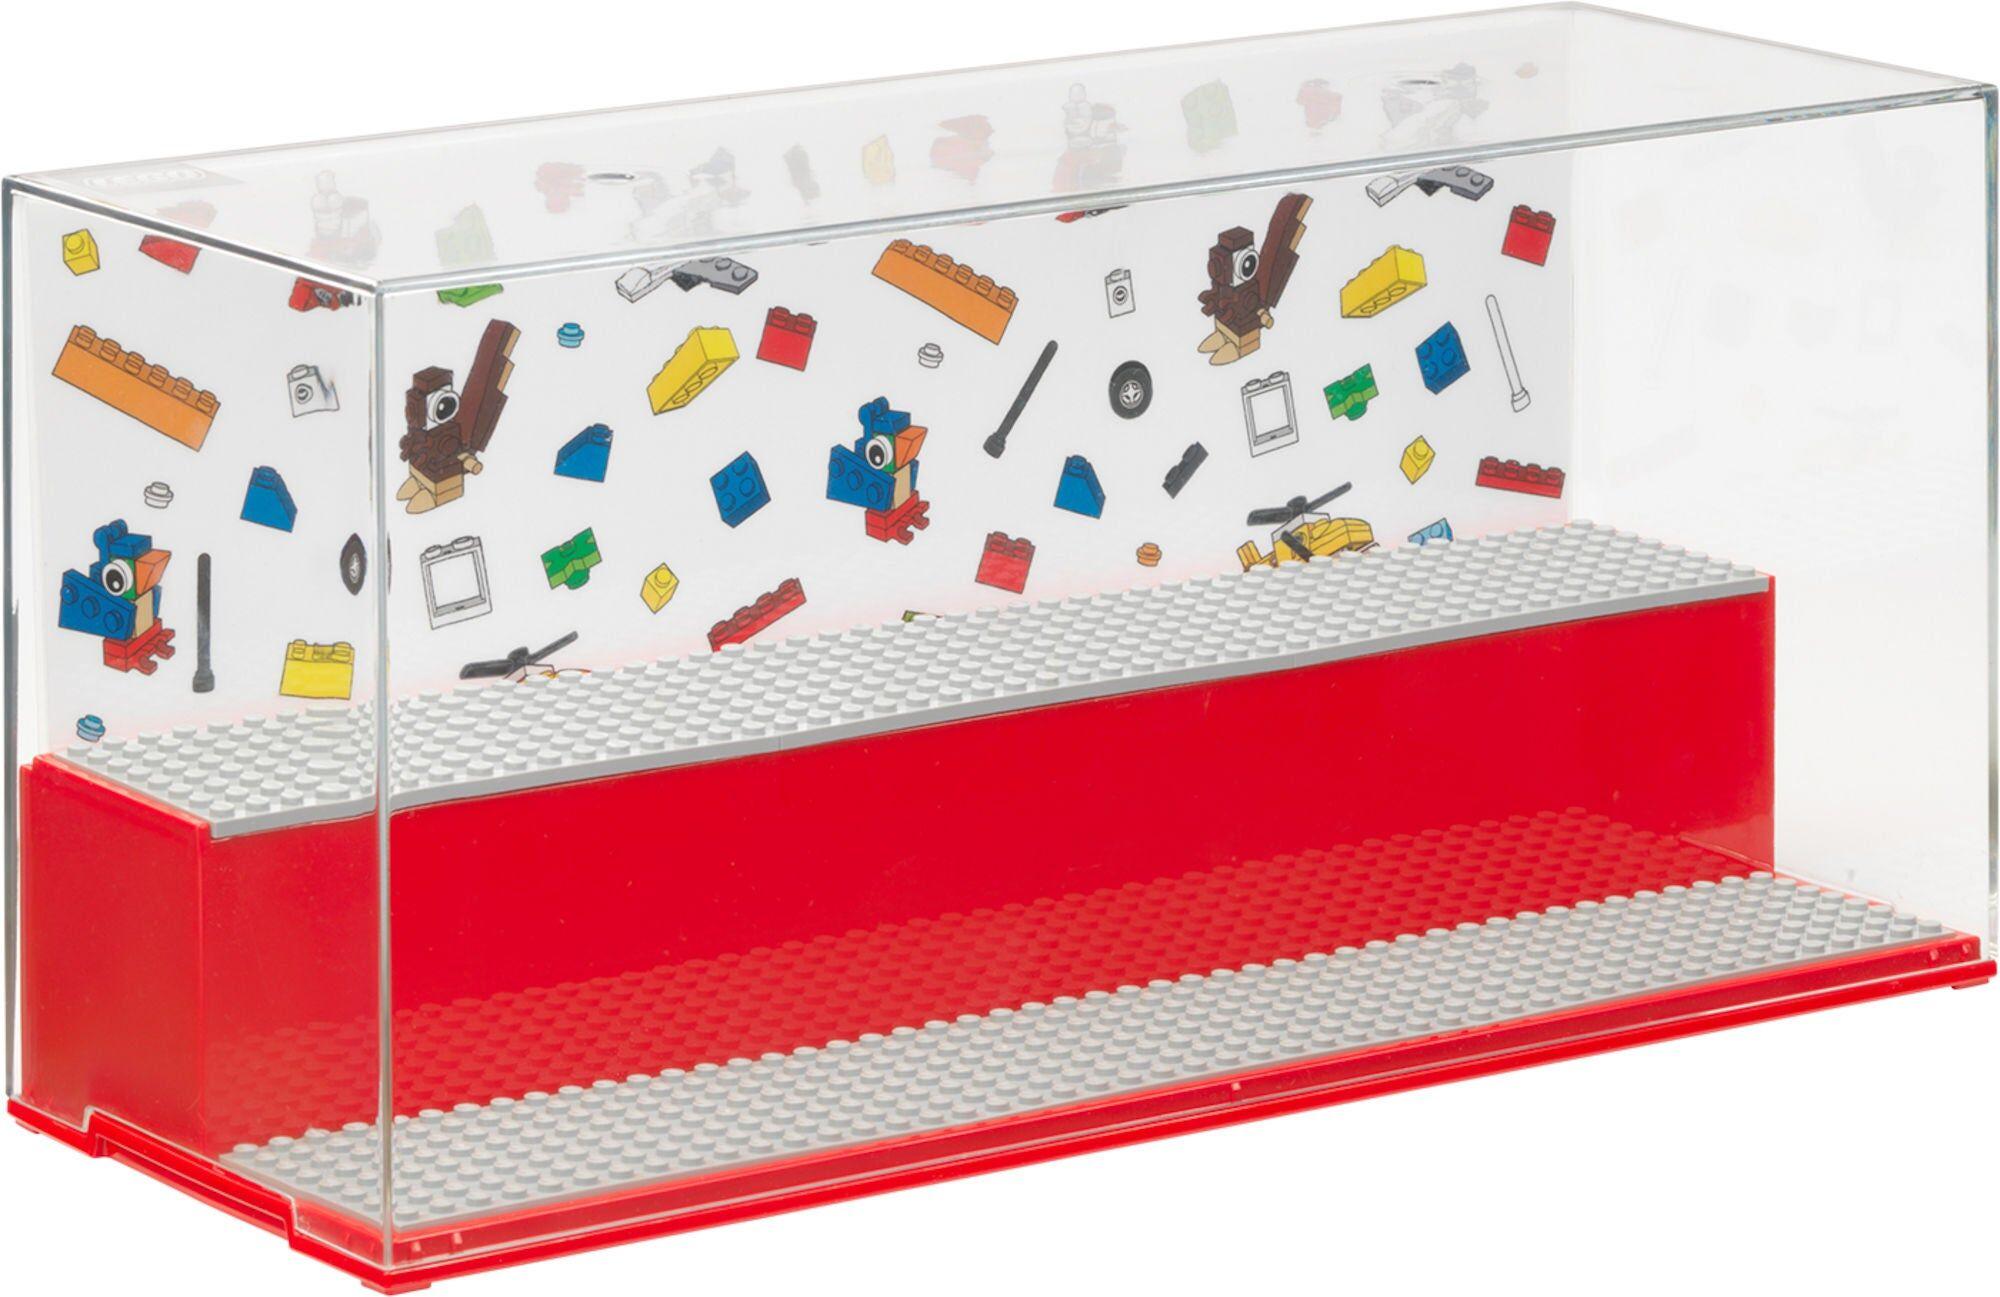 Lego Displaybox, Rød